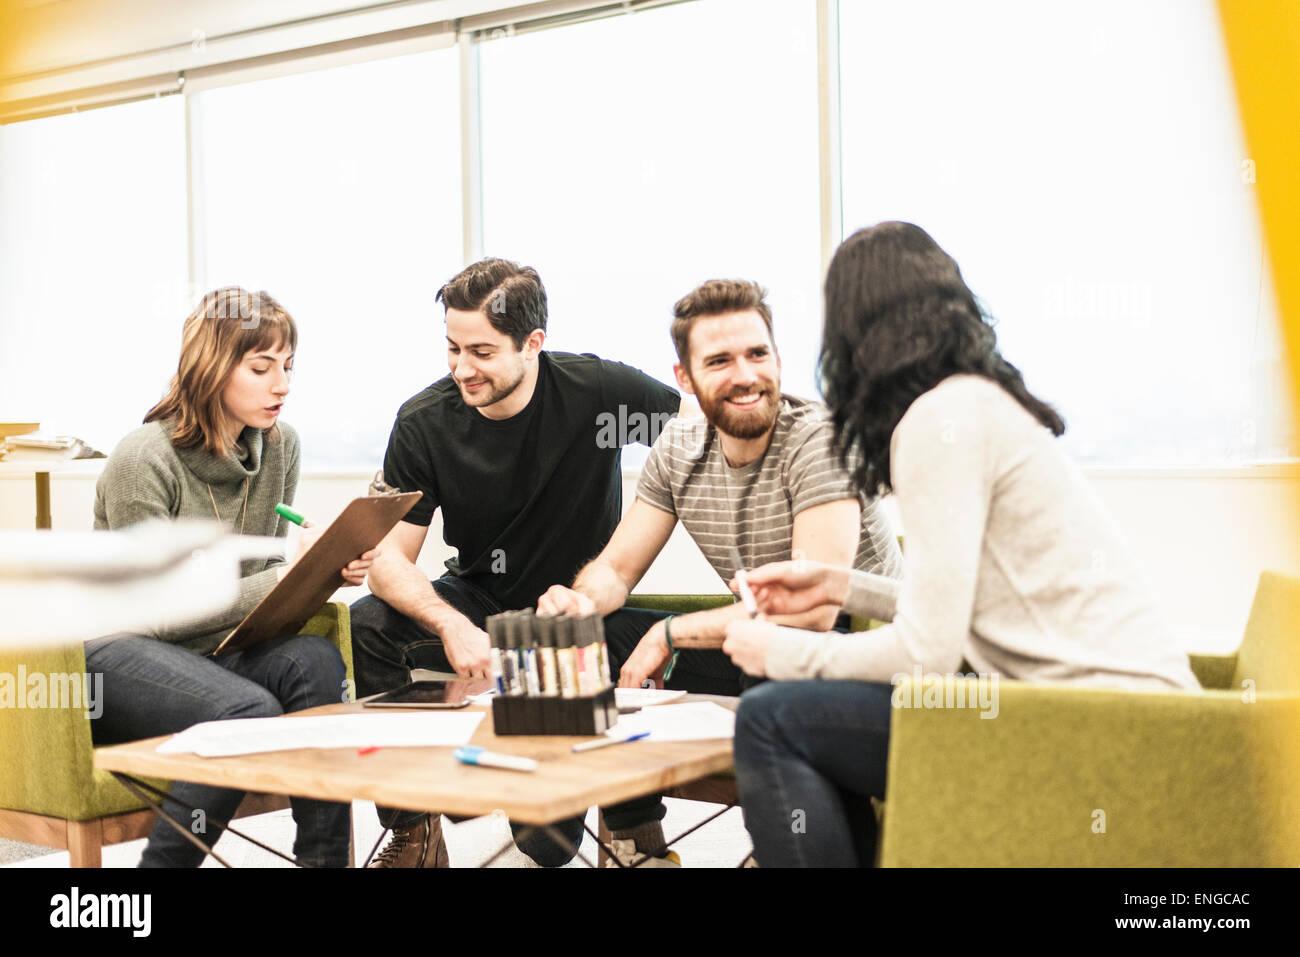 Vier Personen sitzen an einem Tisch mit Kollegen bei einer Planungsbesprechung holding Farbstiften und arbeiten Stockfoto